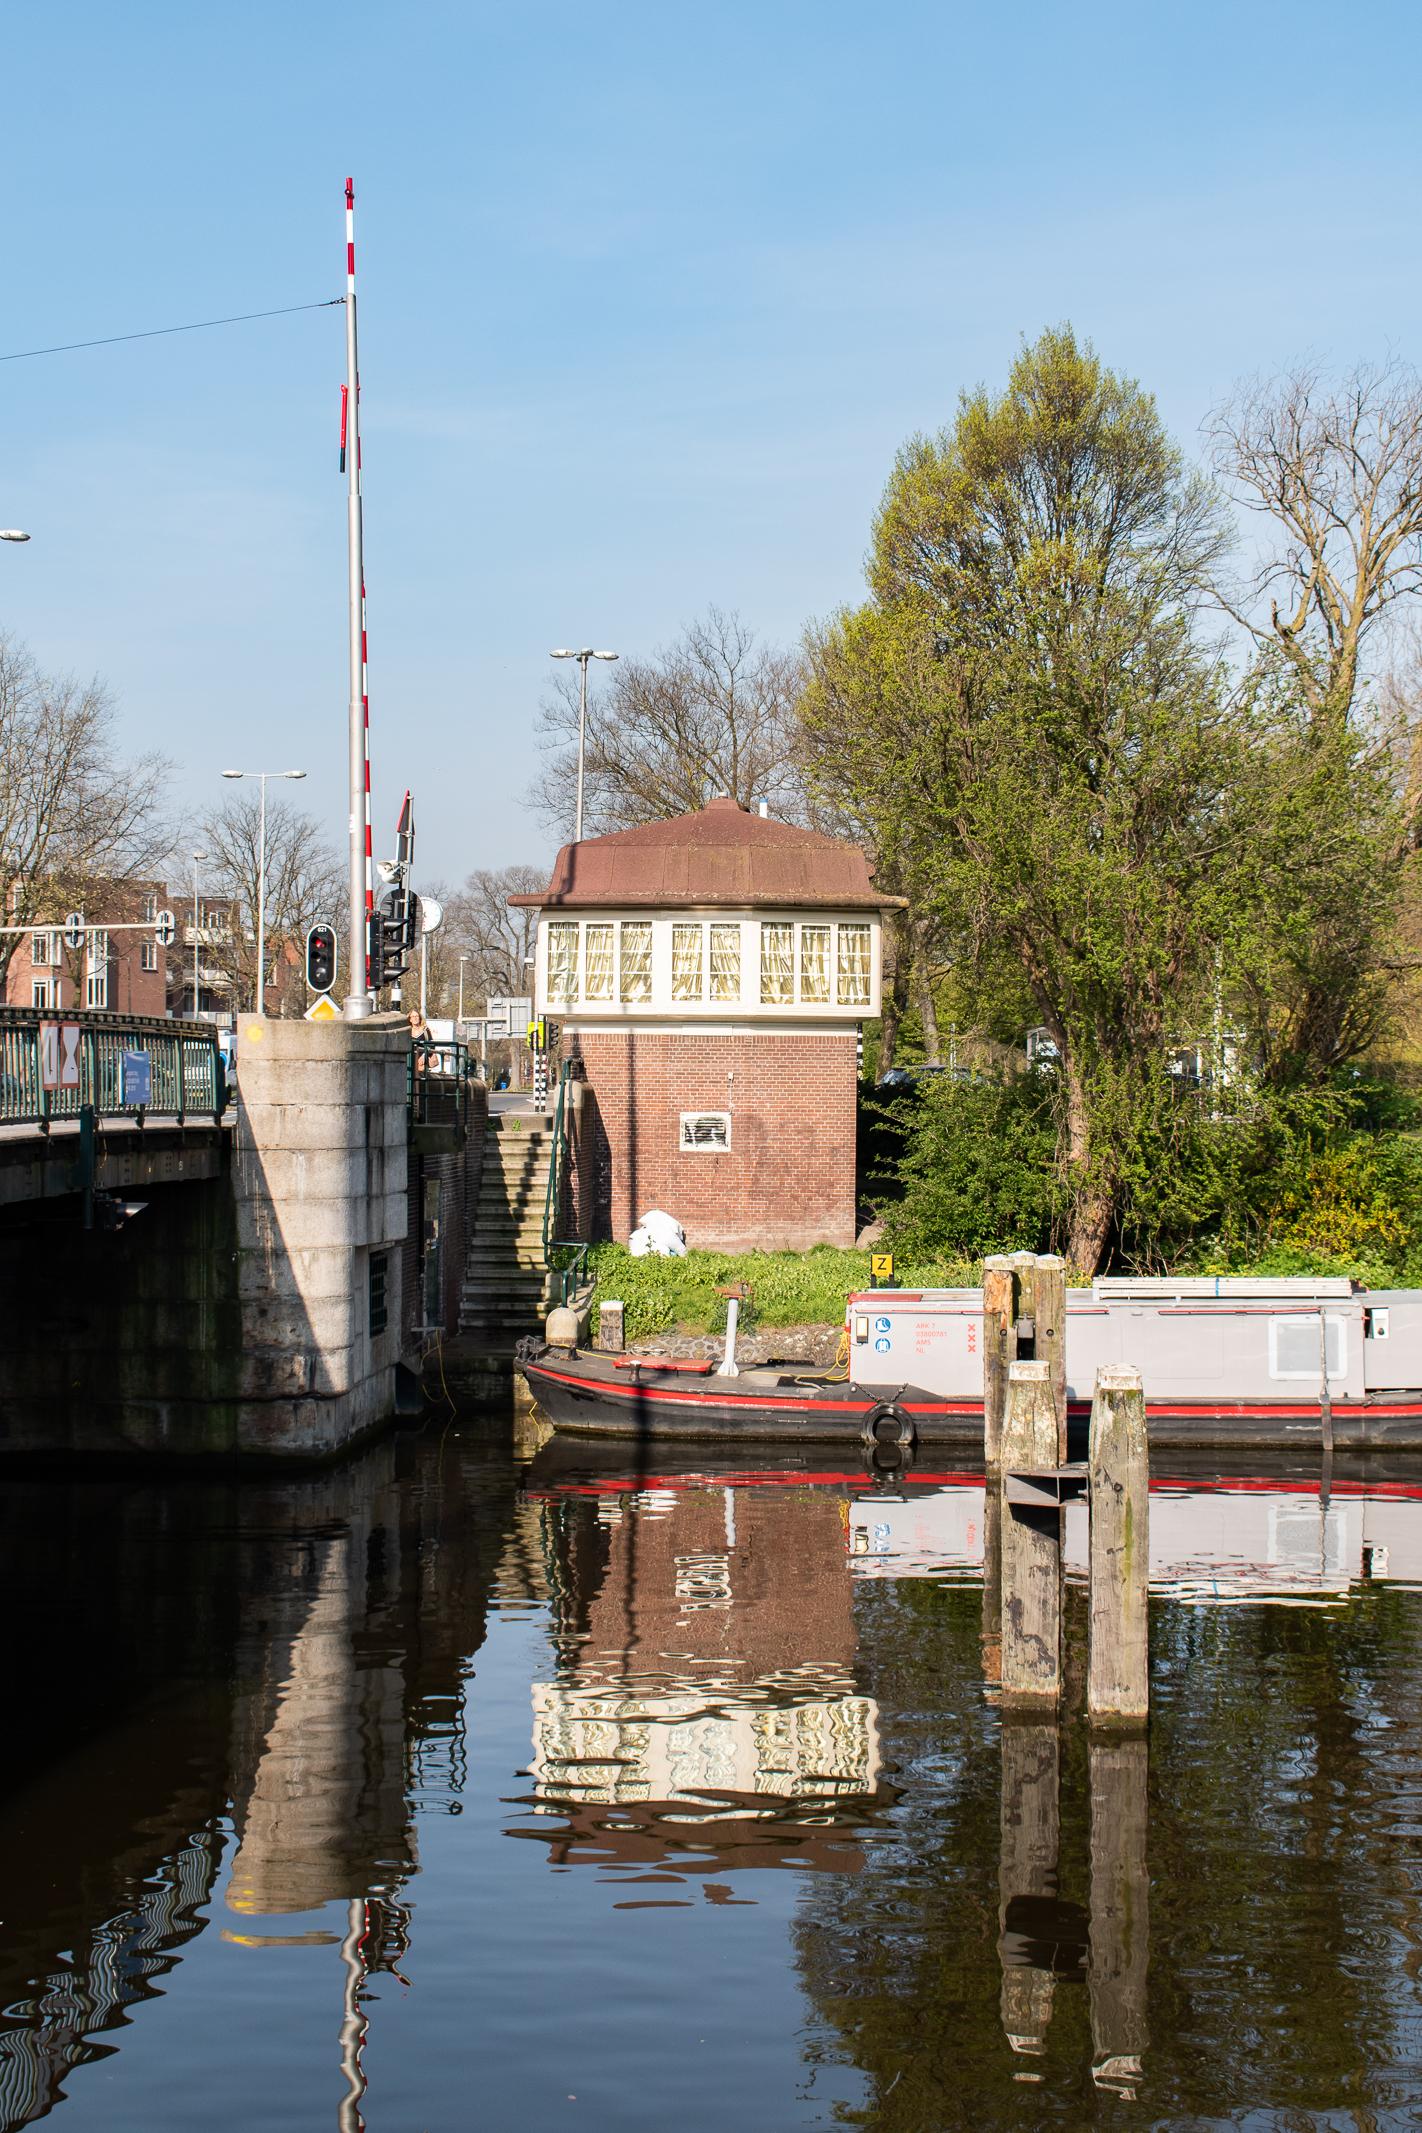 303. Willemsbrug